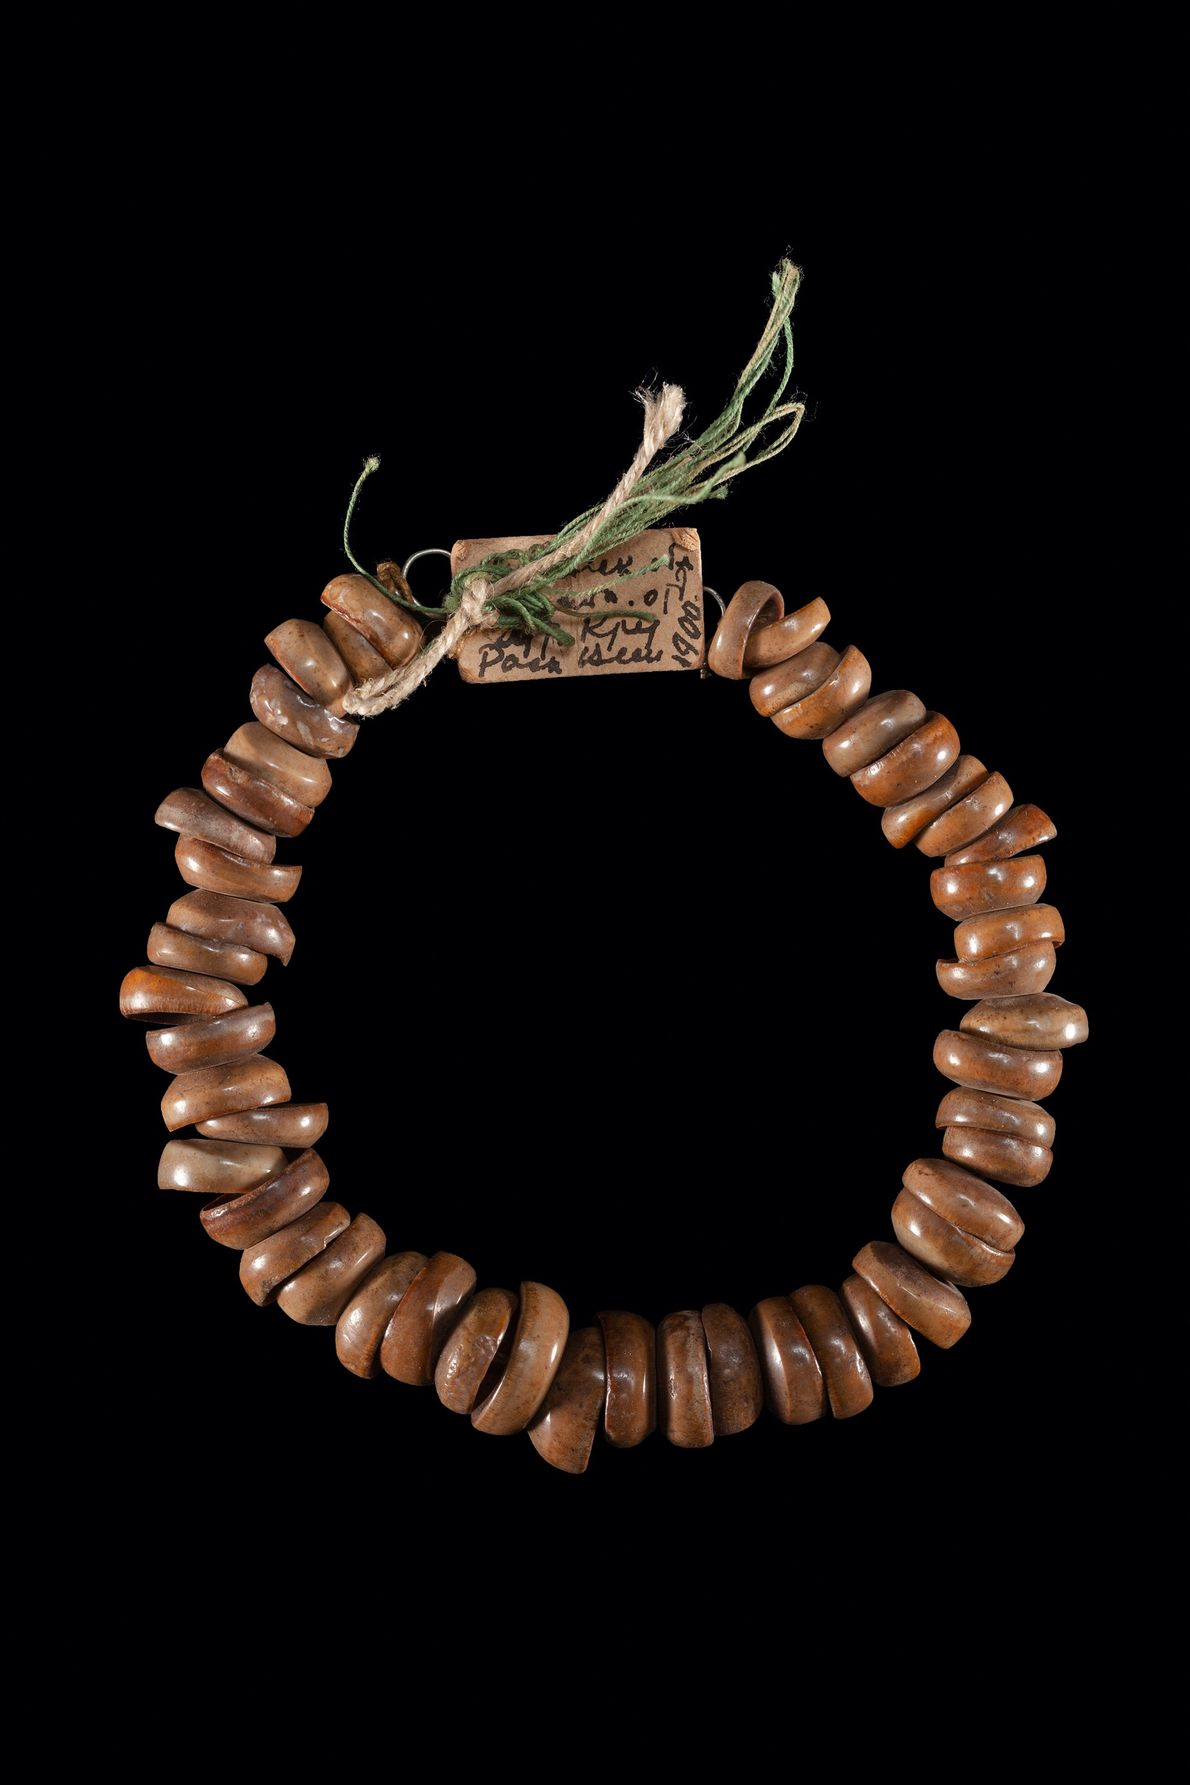 Diese Halskette wurde aus Fischzähnen gefertigt.